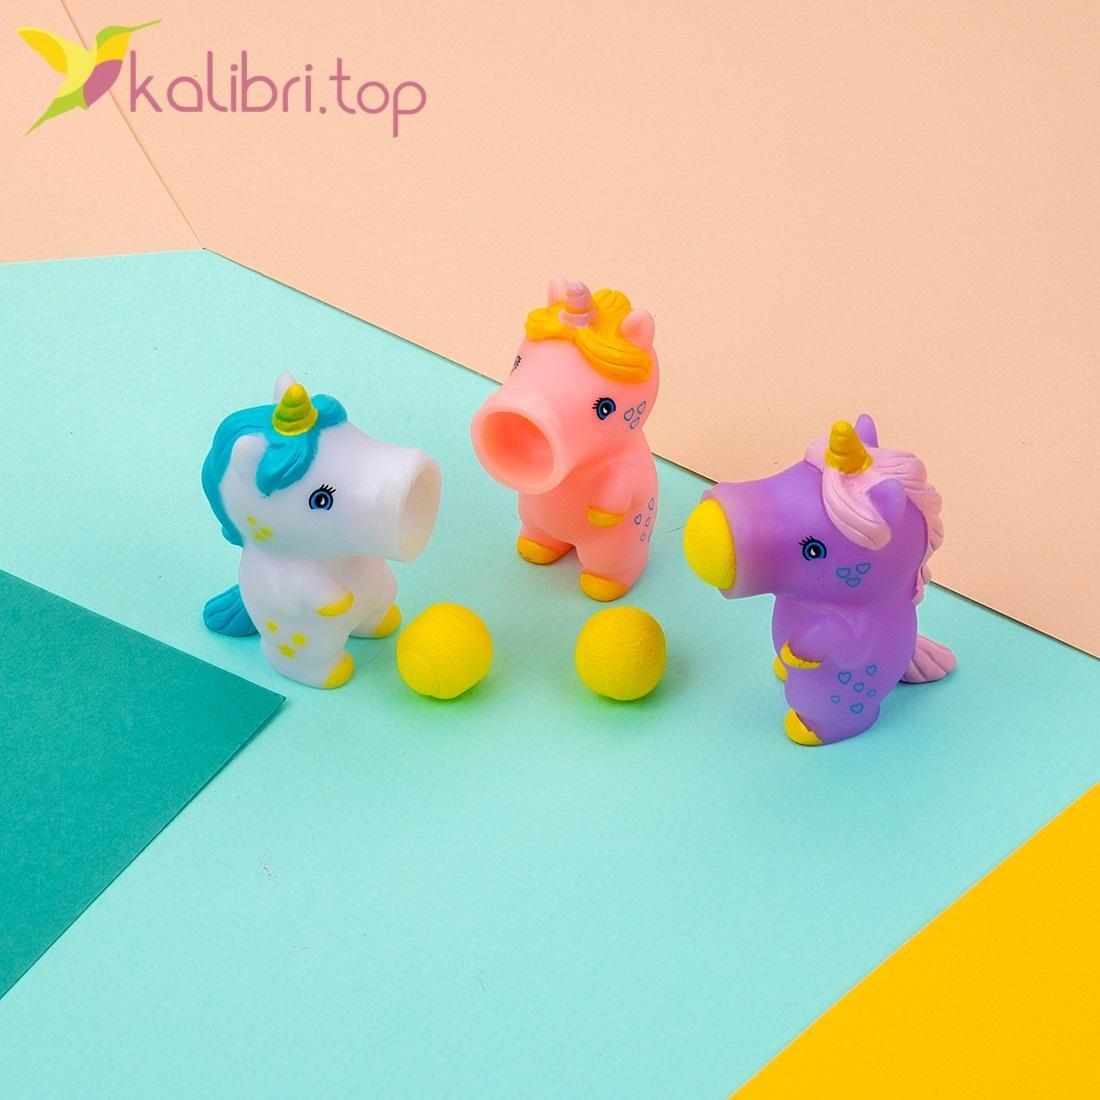 Детская игрушка оптом, стреляющий пони единорог, Калибри